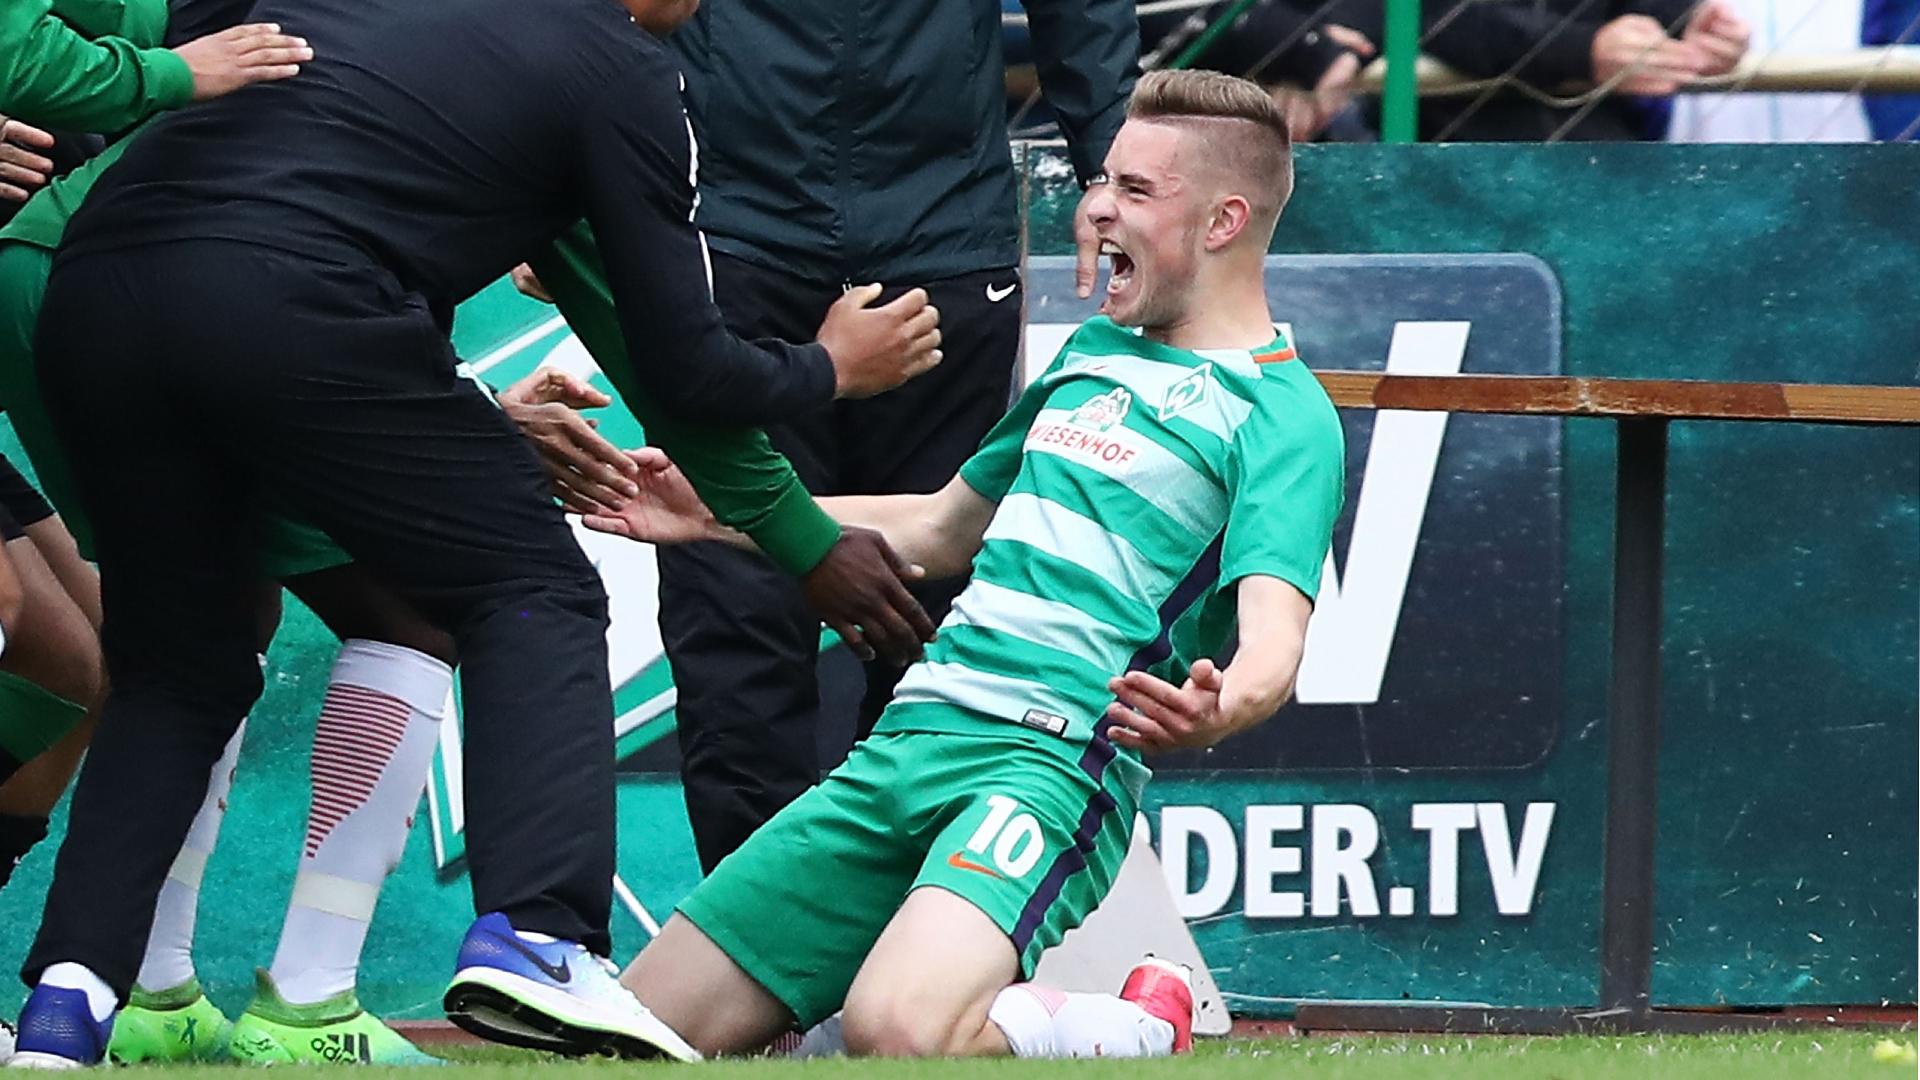 David Philipp Werder Bremen Dortmund U19 060717